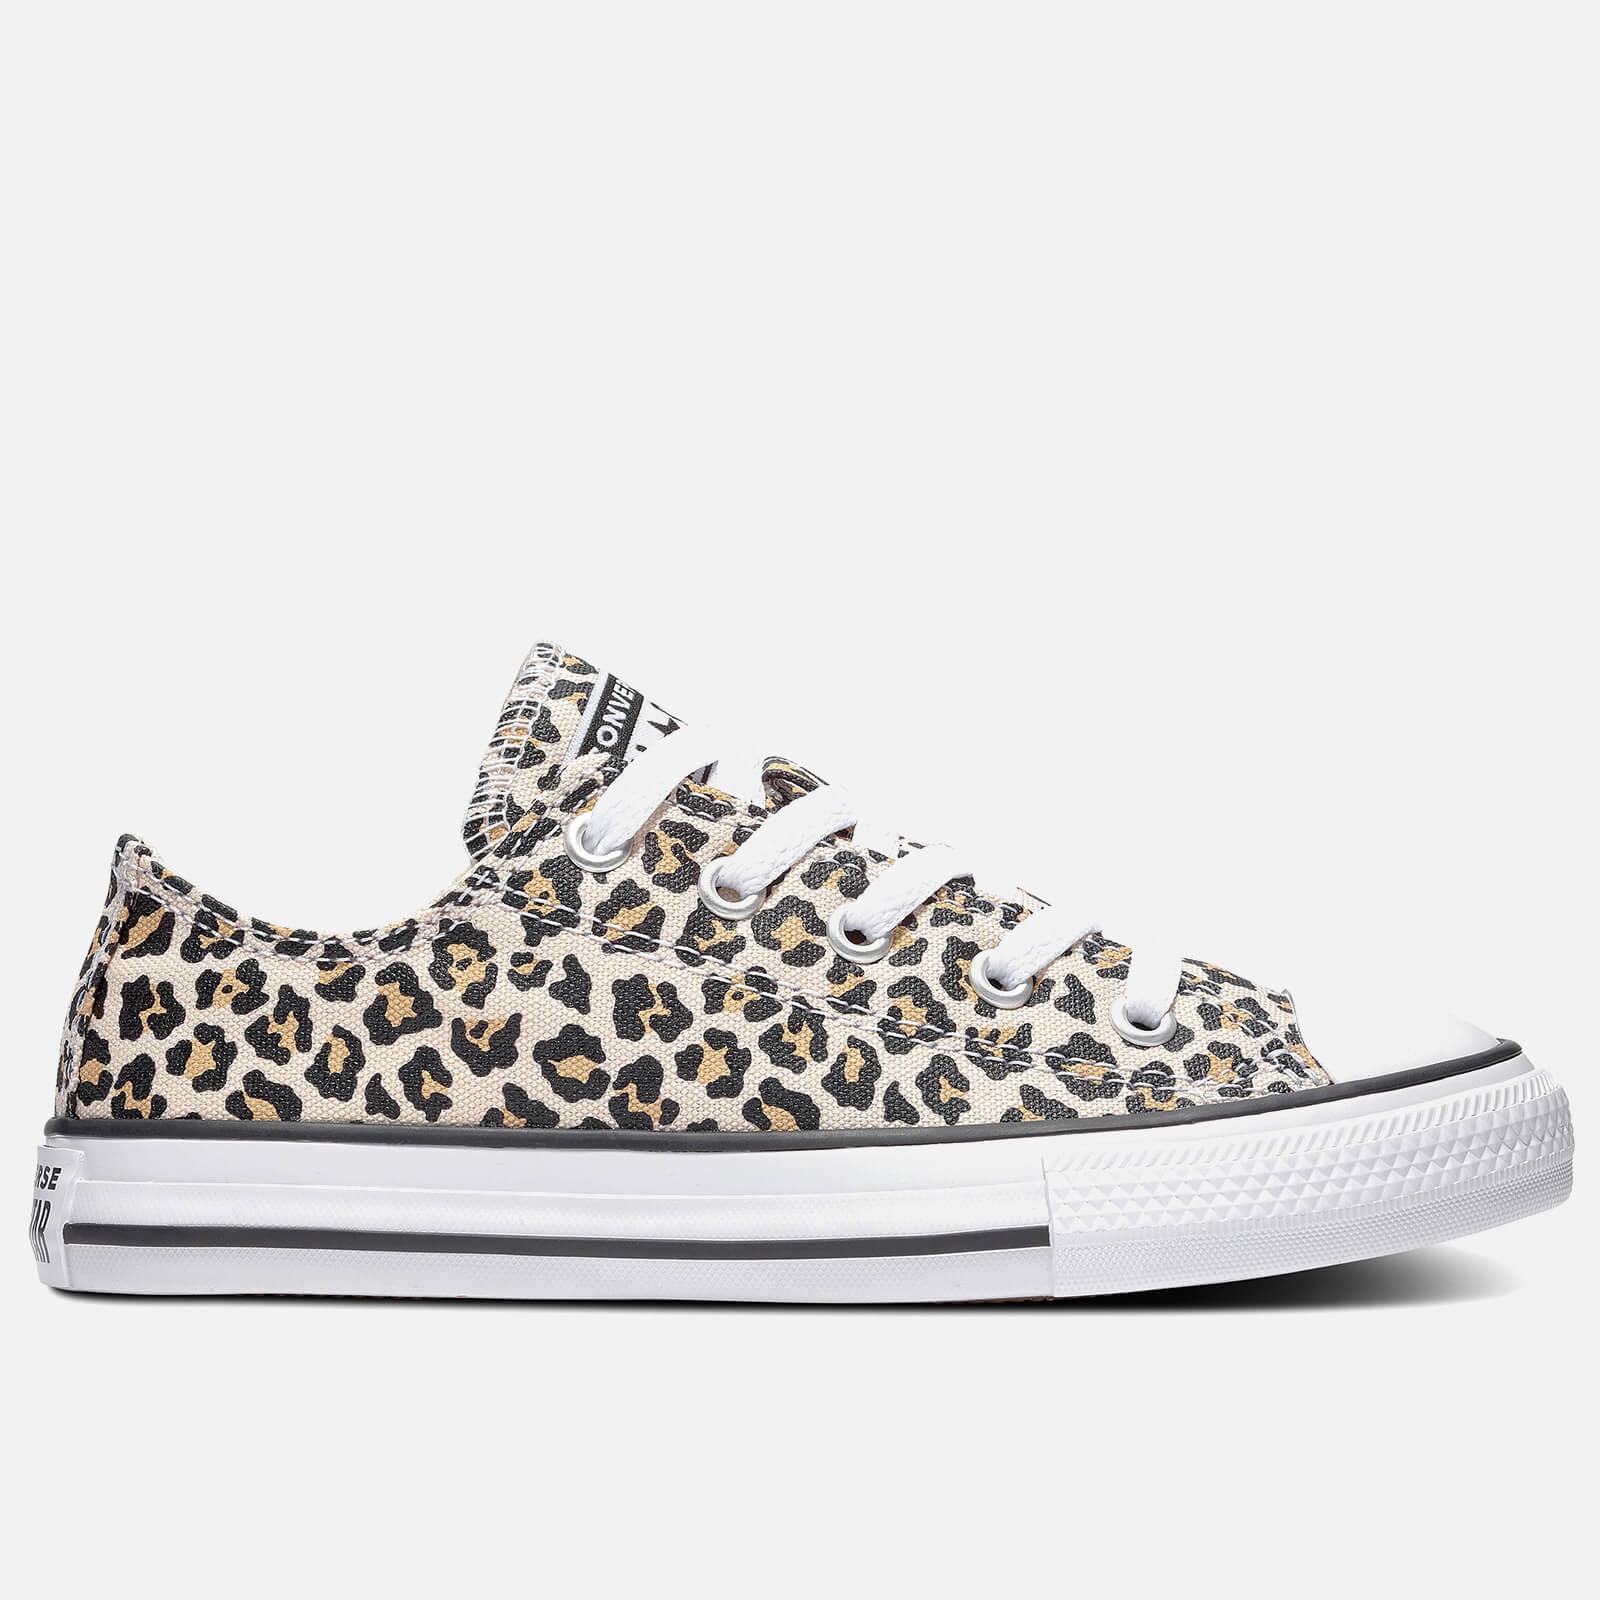 Converse Kids' Chuck Taylor All Star Leopard Print Ox Trainers - Black/Driftwood - UK 10 Kids